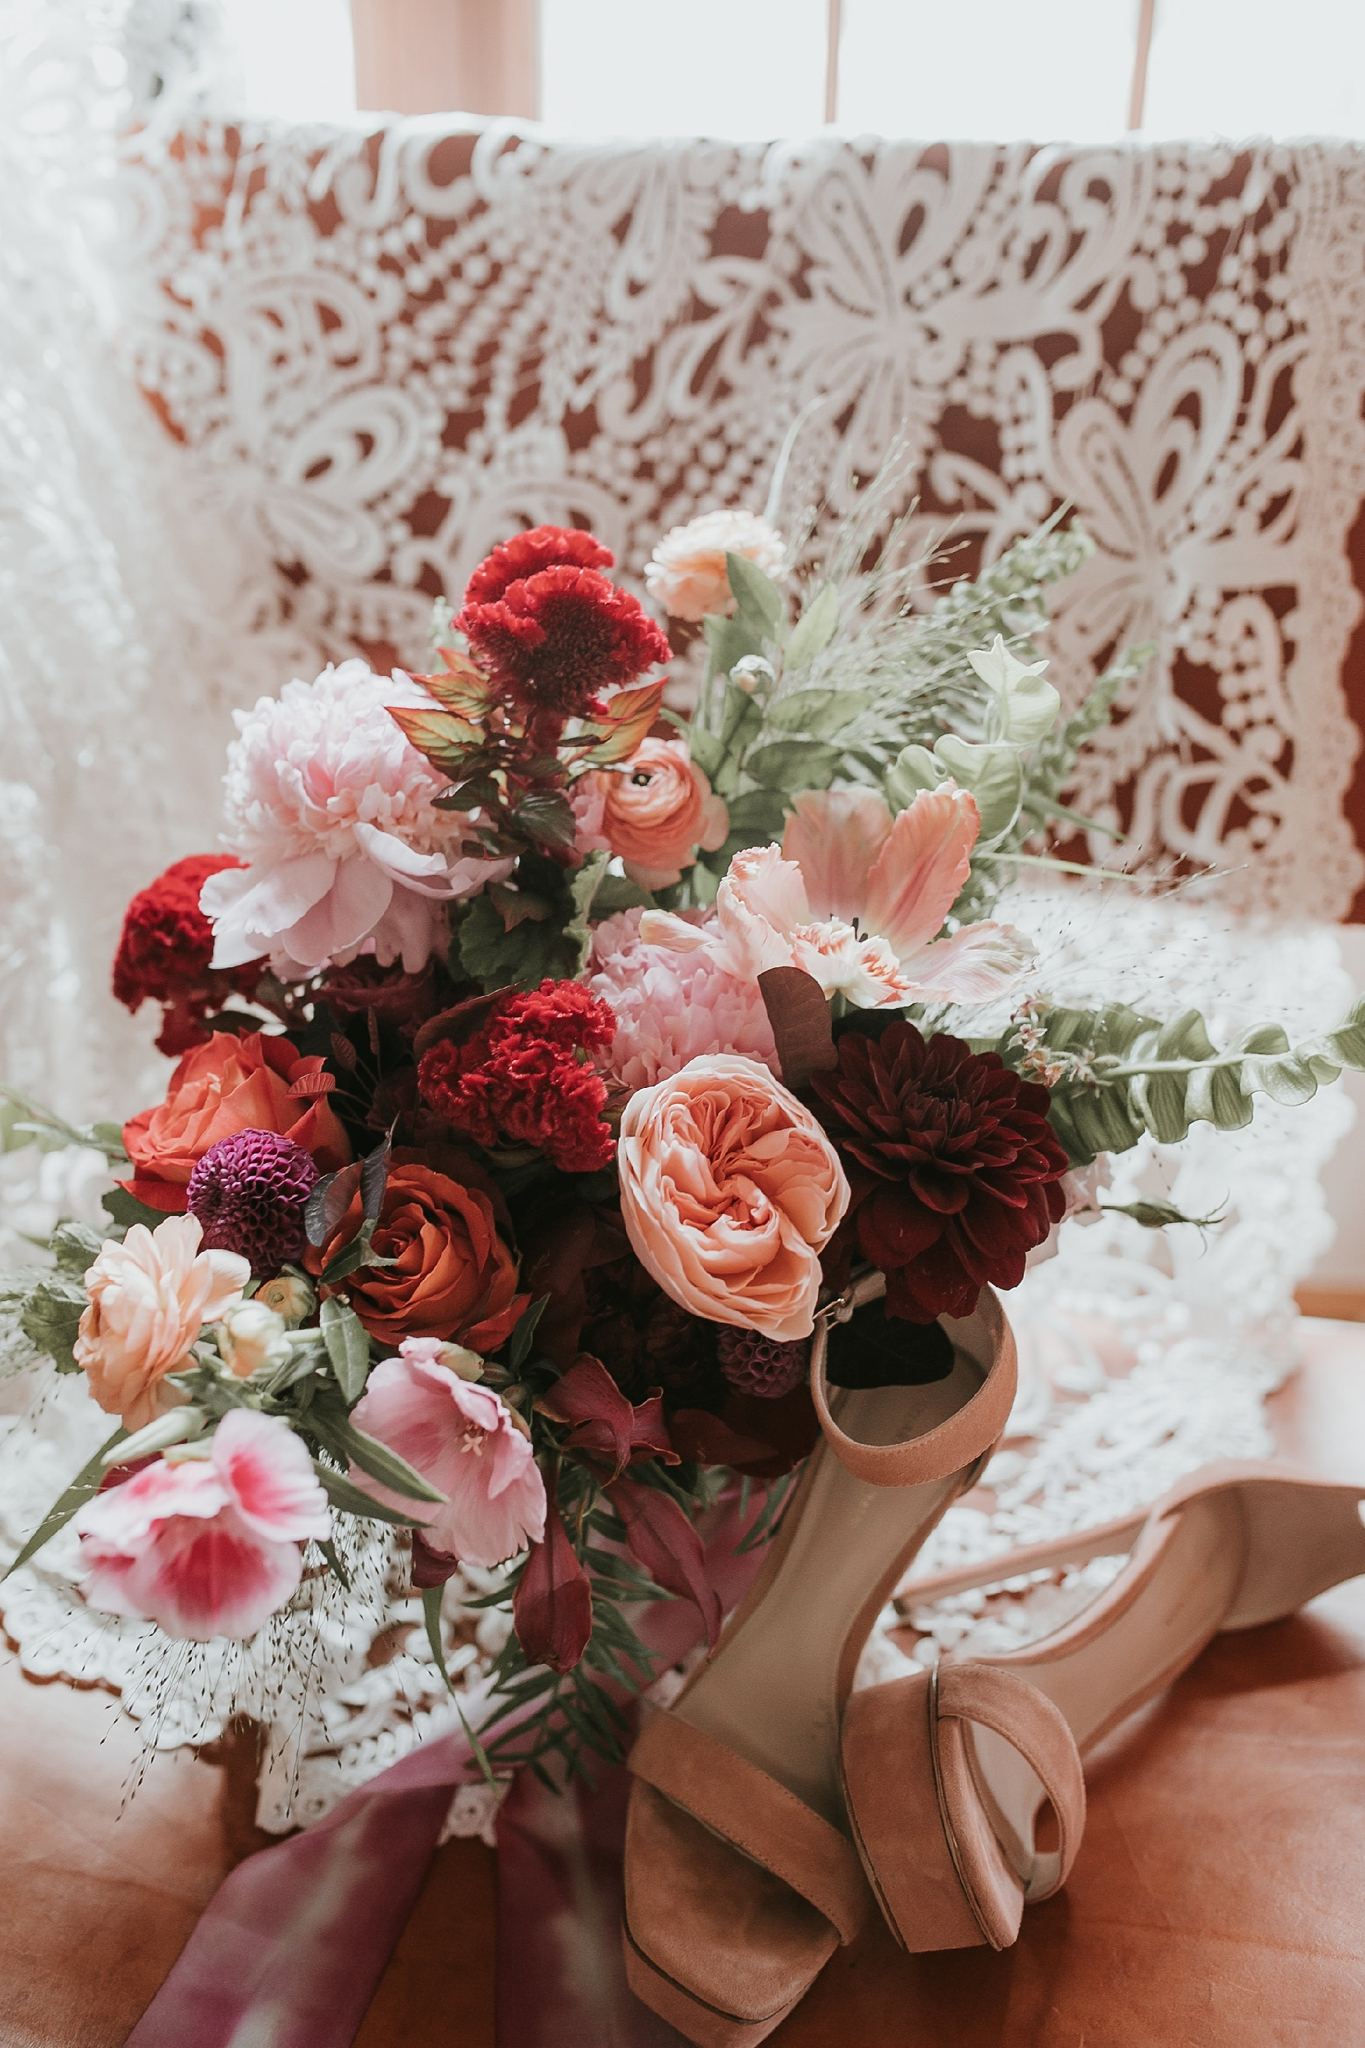 Alicia+lucia+photography+-+albuquerque+wedding+photographer+-+santa+fe+wedding+photography+-+new+mexico+wedding+photographer+-+new+mexico+florist+-+wedding+florist+-+renegade+floral_0025.jpg